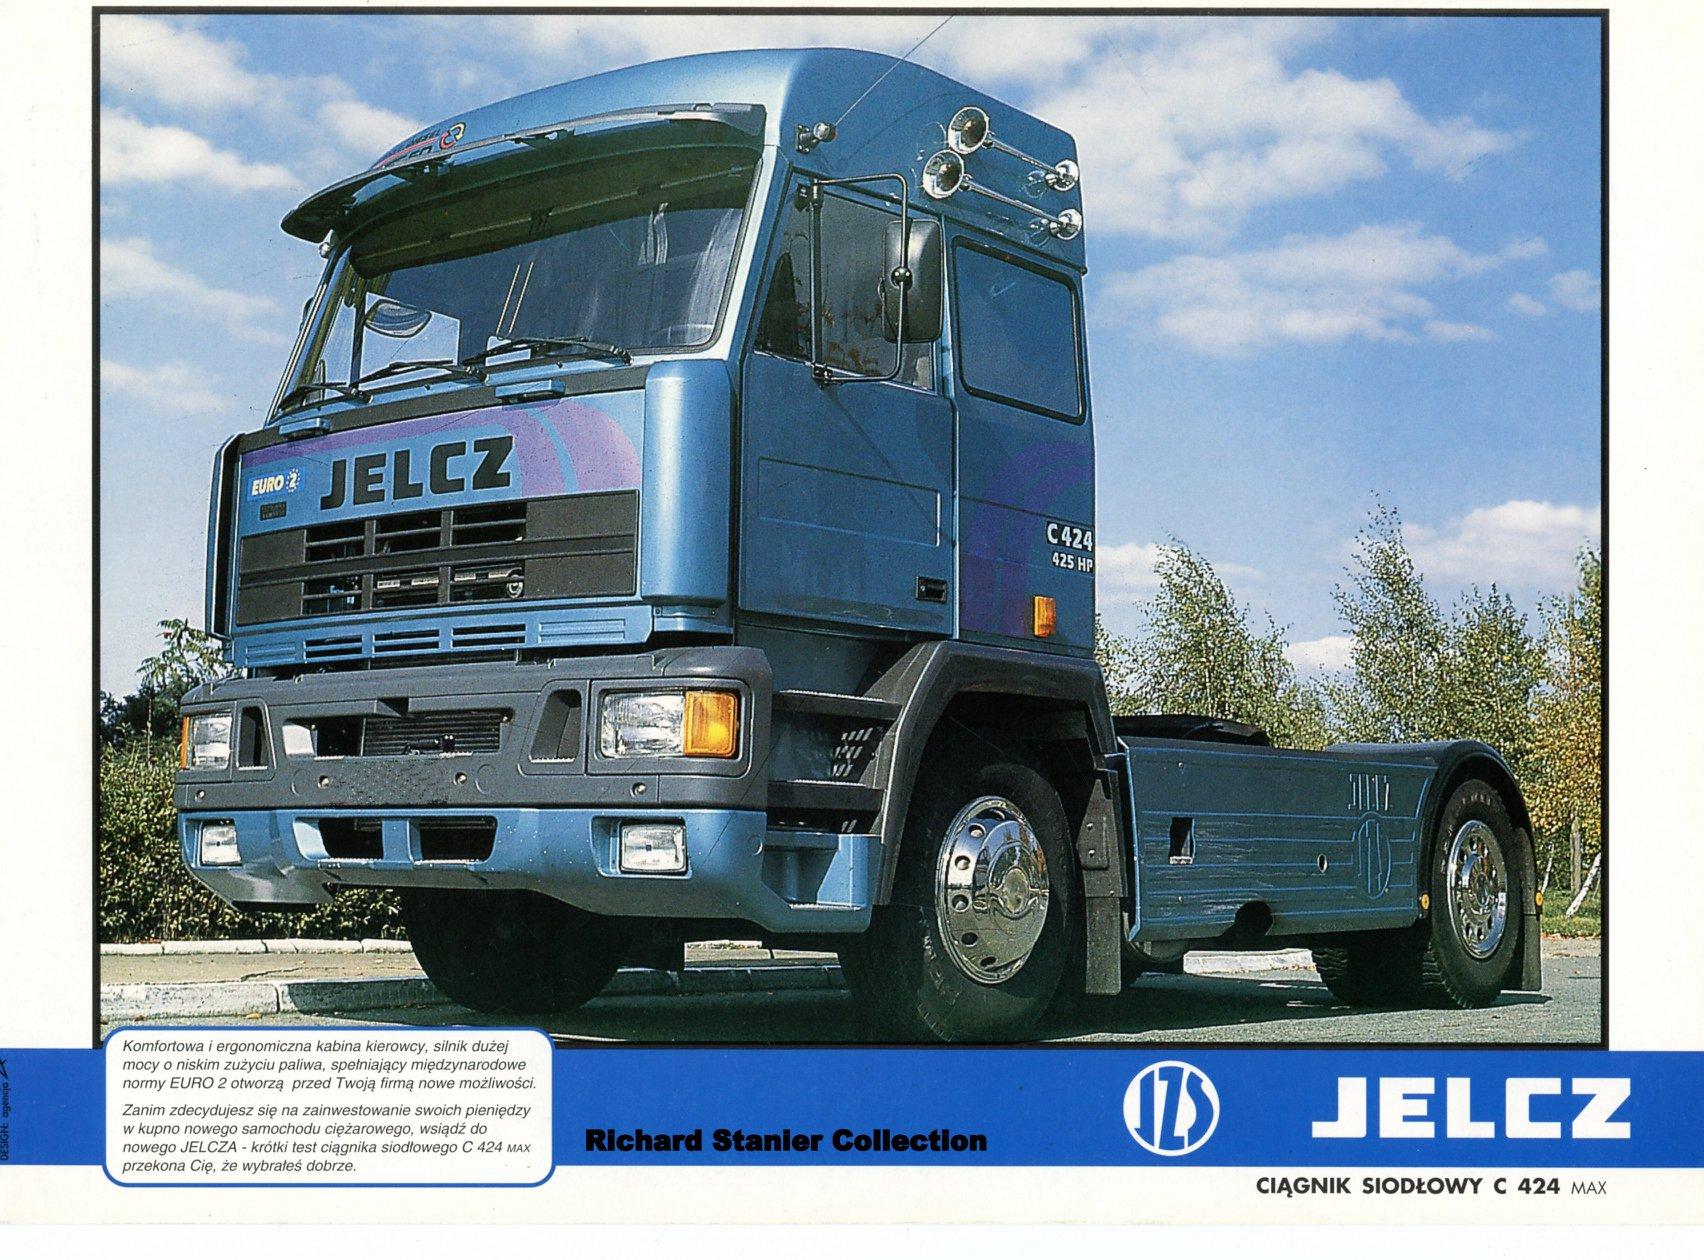 Jelcz-C-424